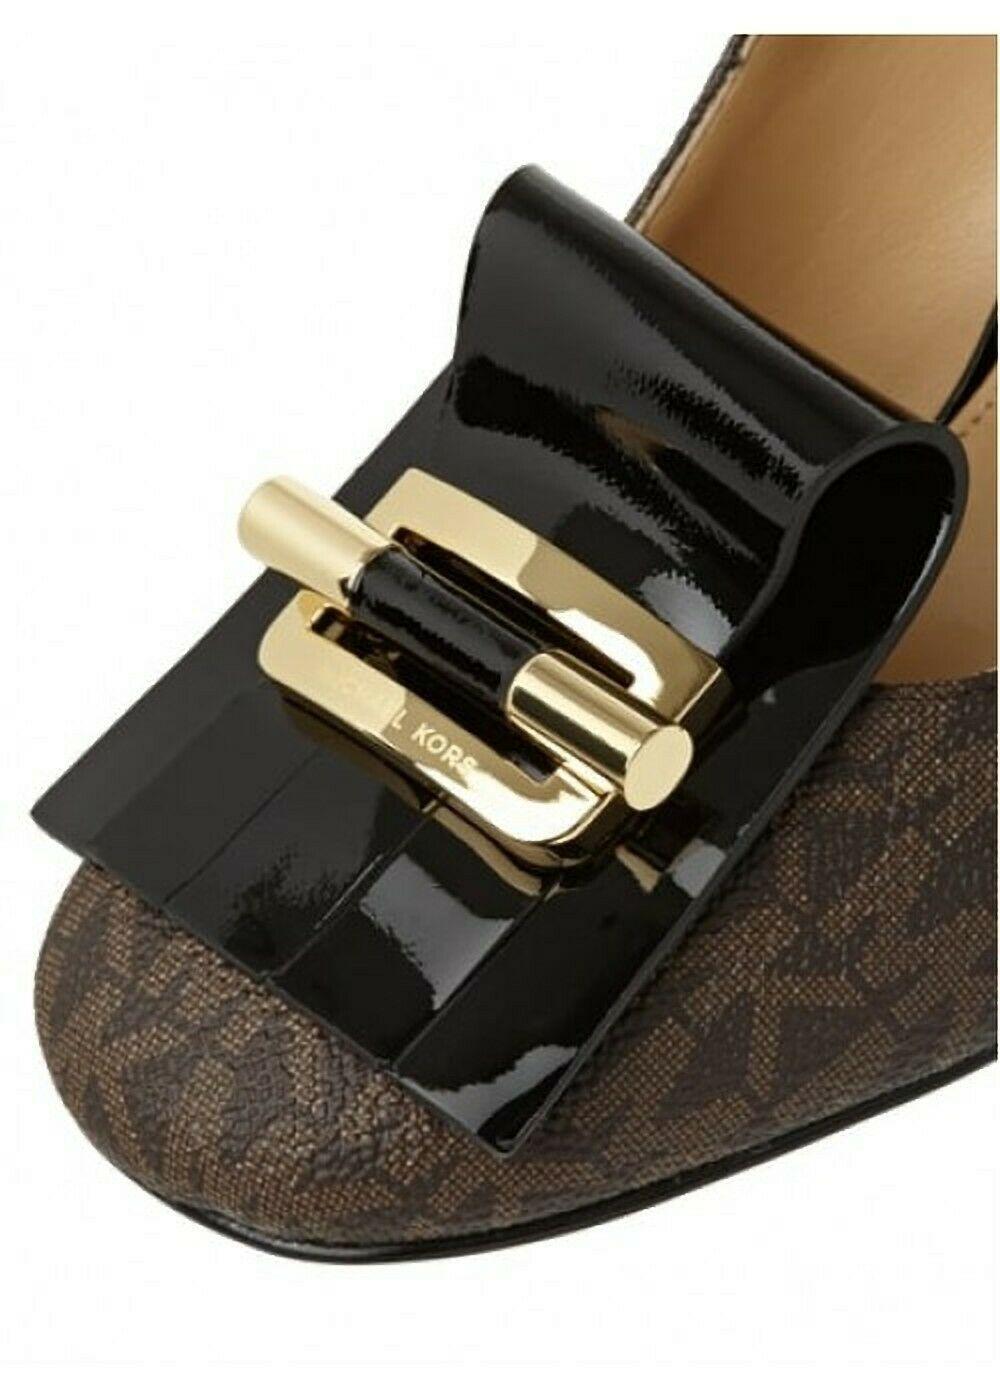 MICHAEL Michael Kors Gloria Kiltie Pump Shoes Size 6